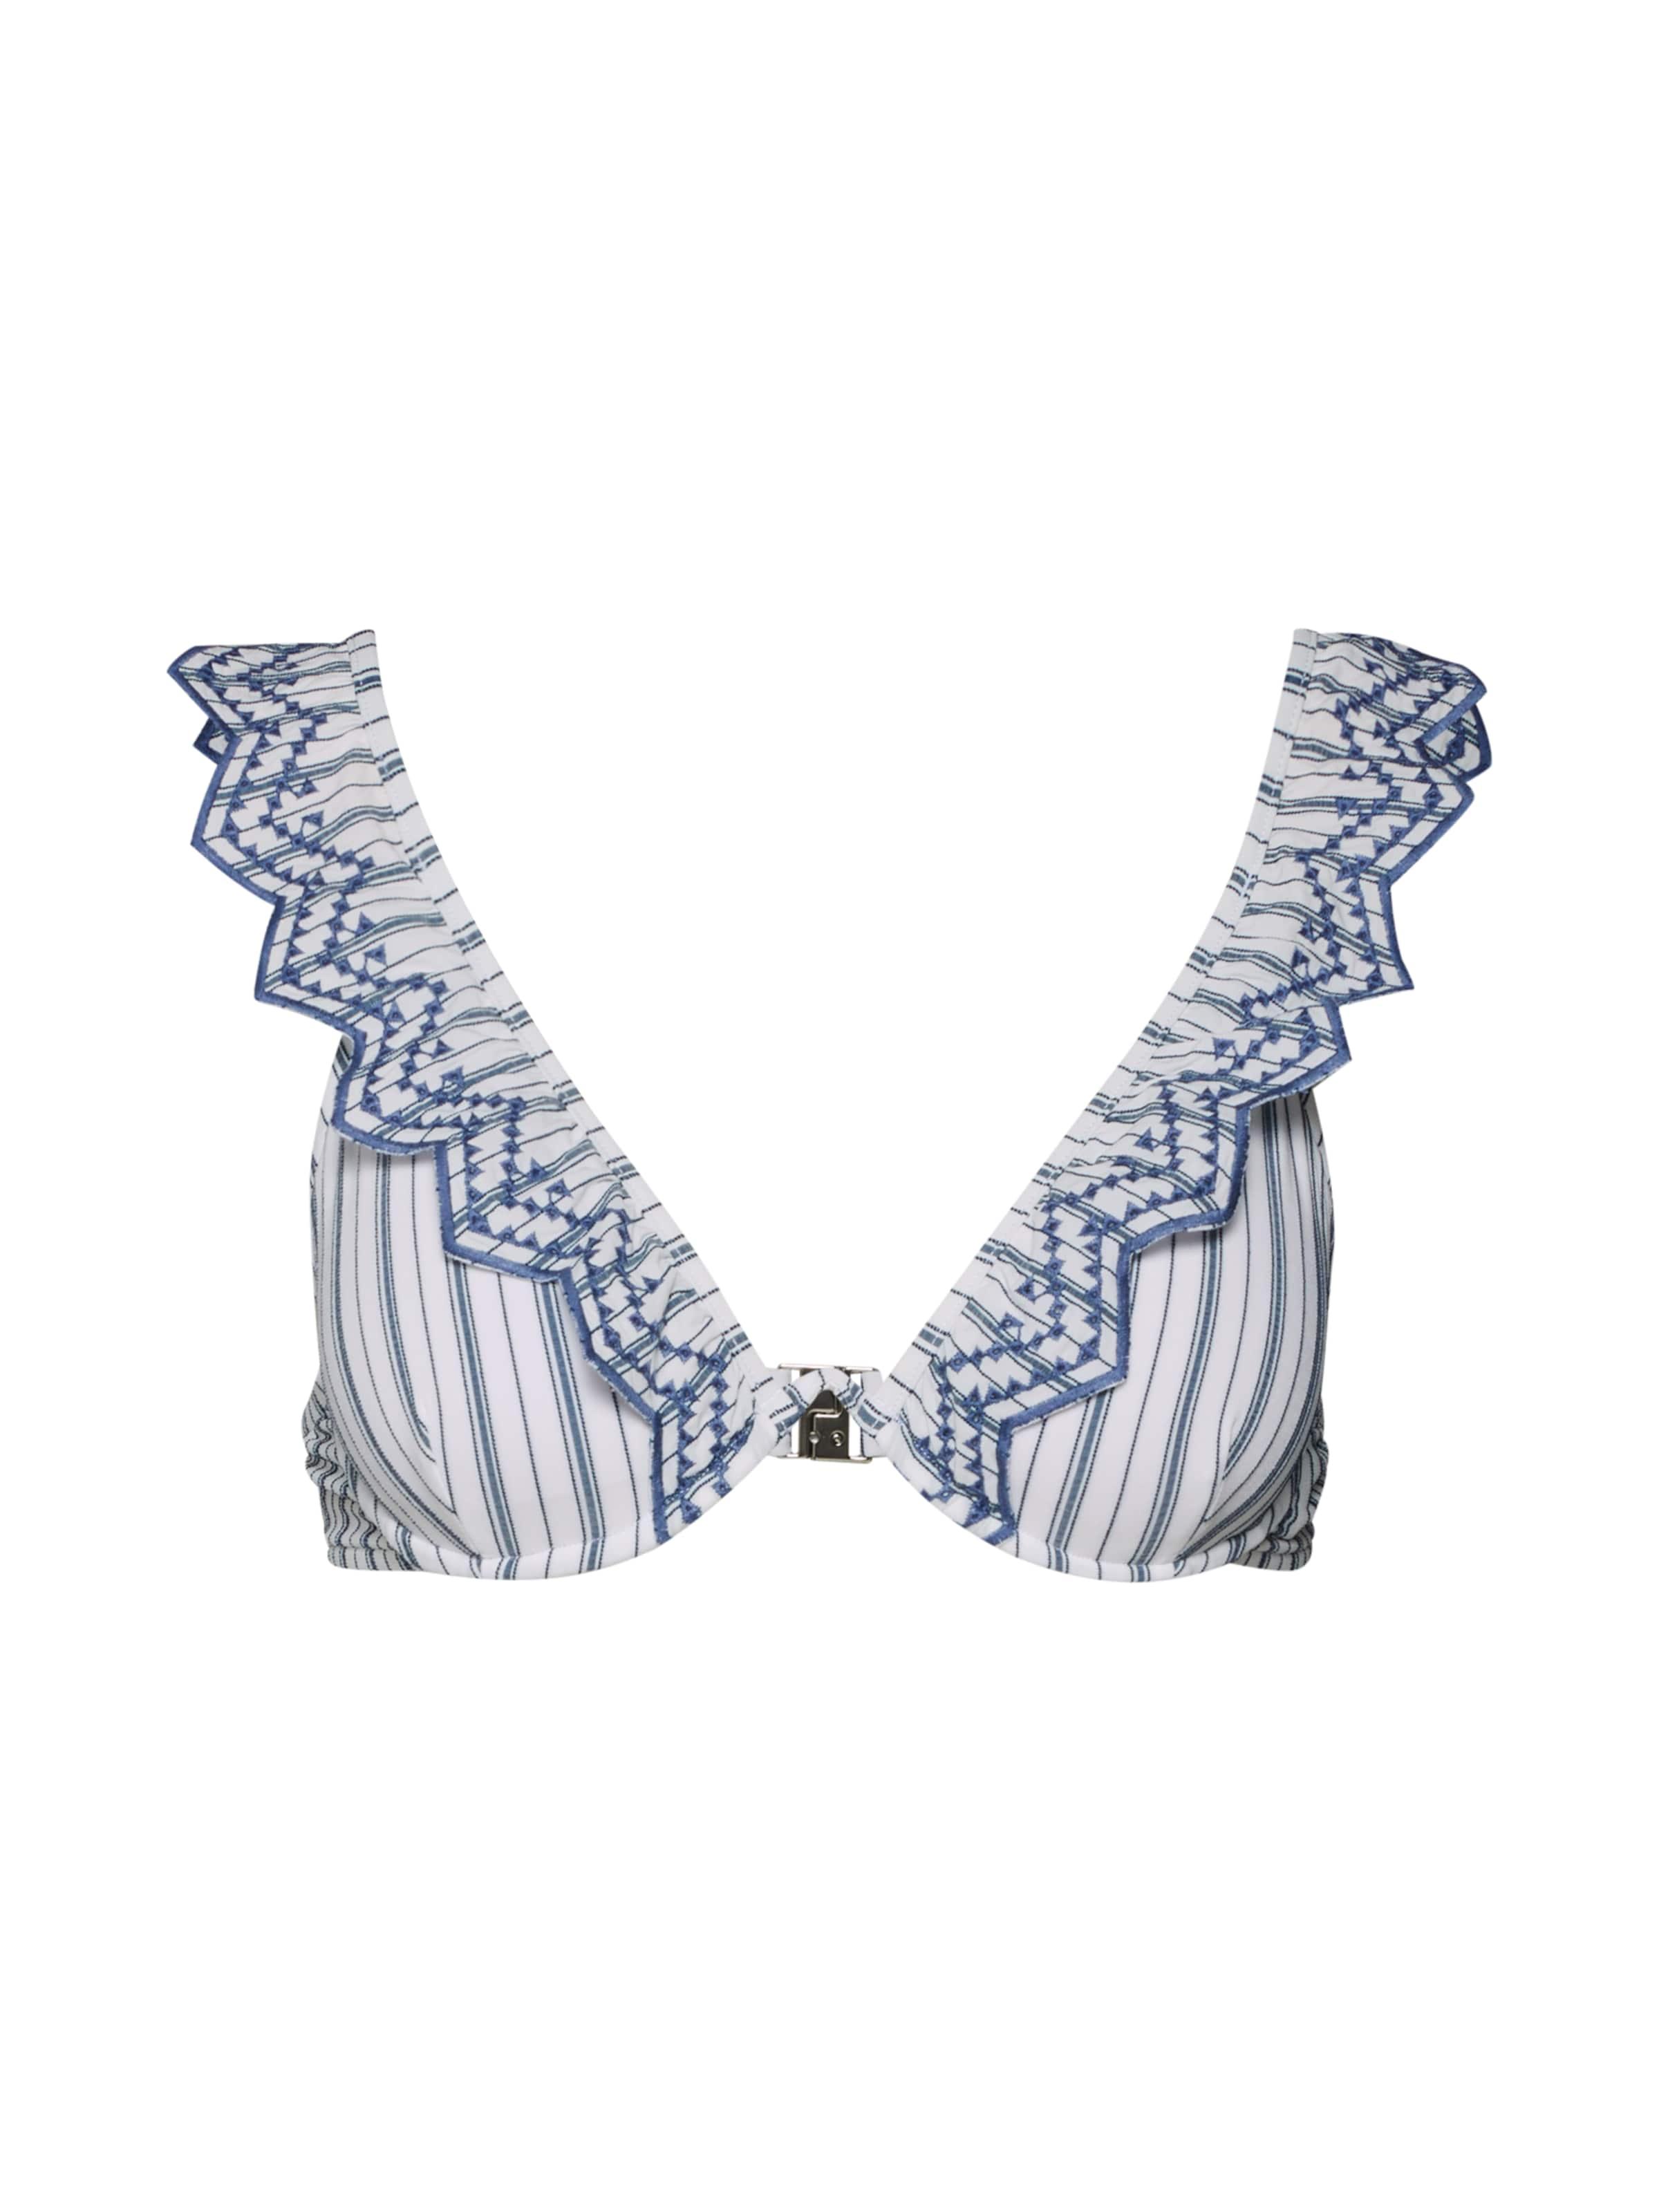 Underwire Bra' BleuBlanc De 'continuous Hauts Seafolly En Bikini VGzSUMpq